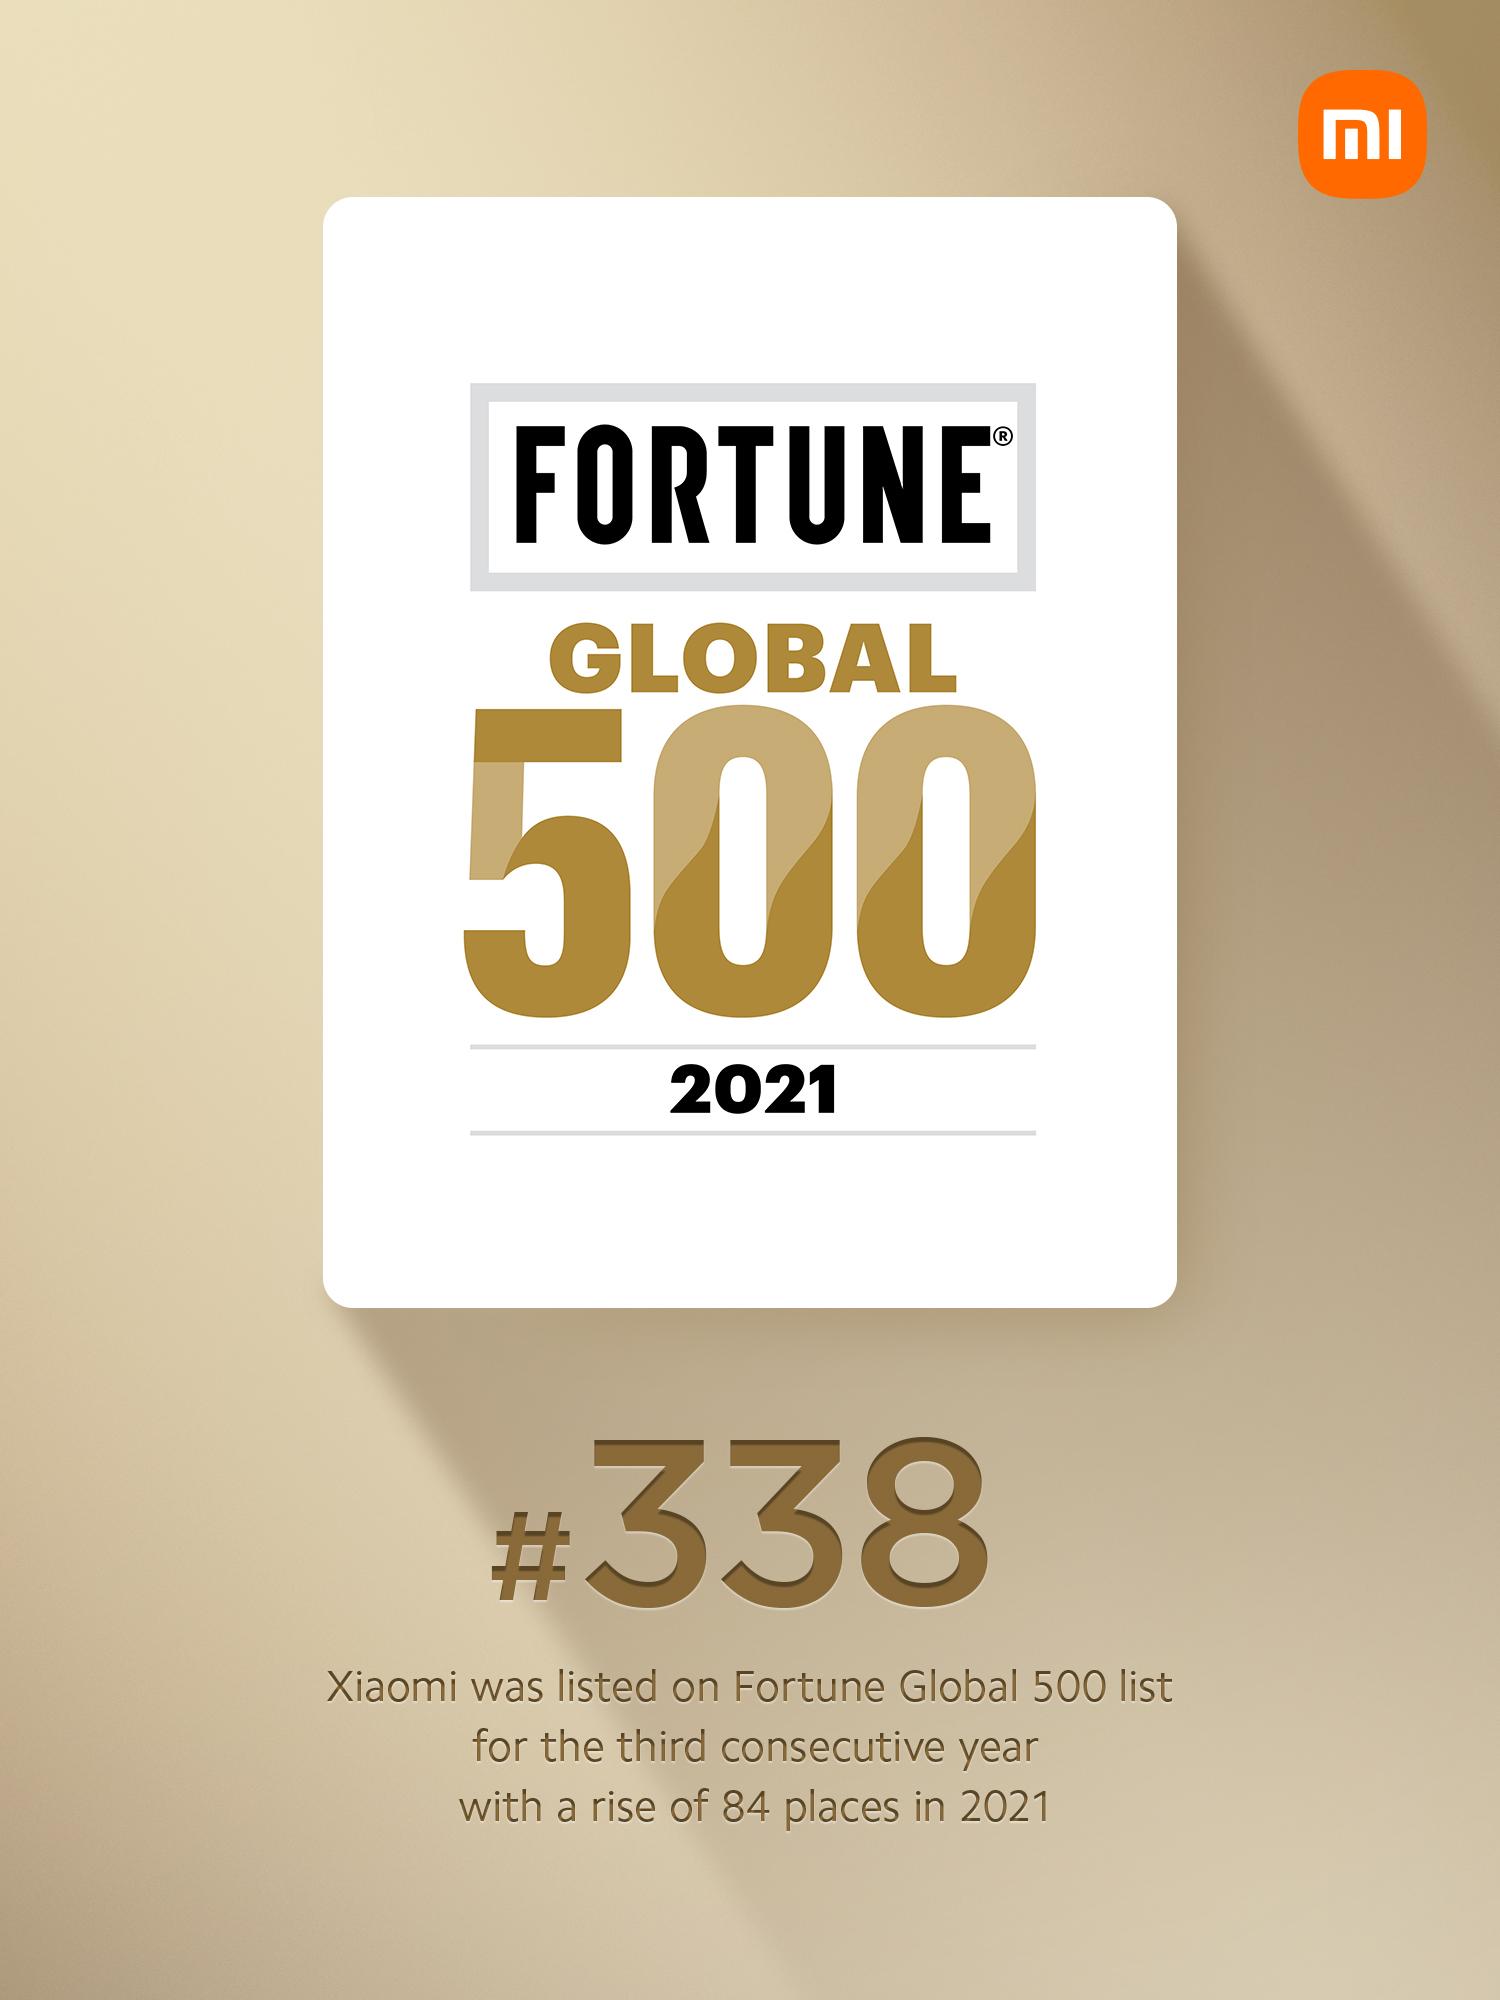 Xiaomi avansează pe locul 338 în topul Fortune Global 500, devenind compania cu cel mai rapid avans la categoria Internet și Retail în 2021